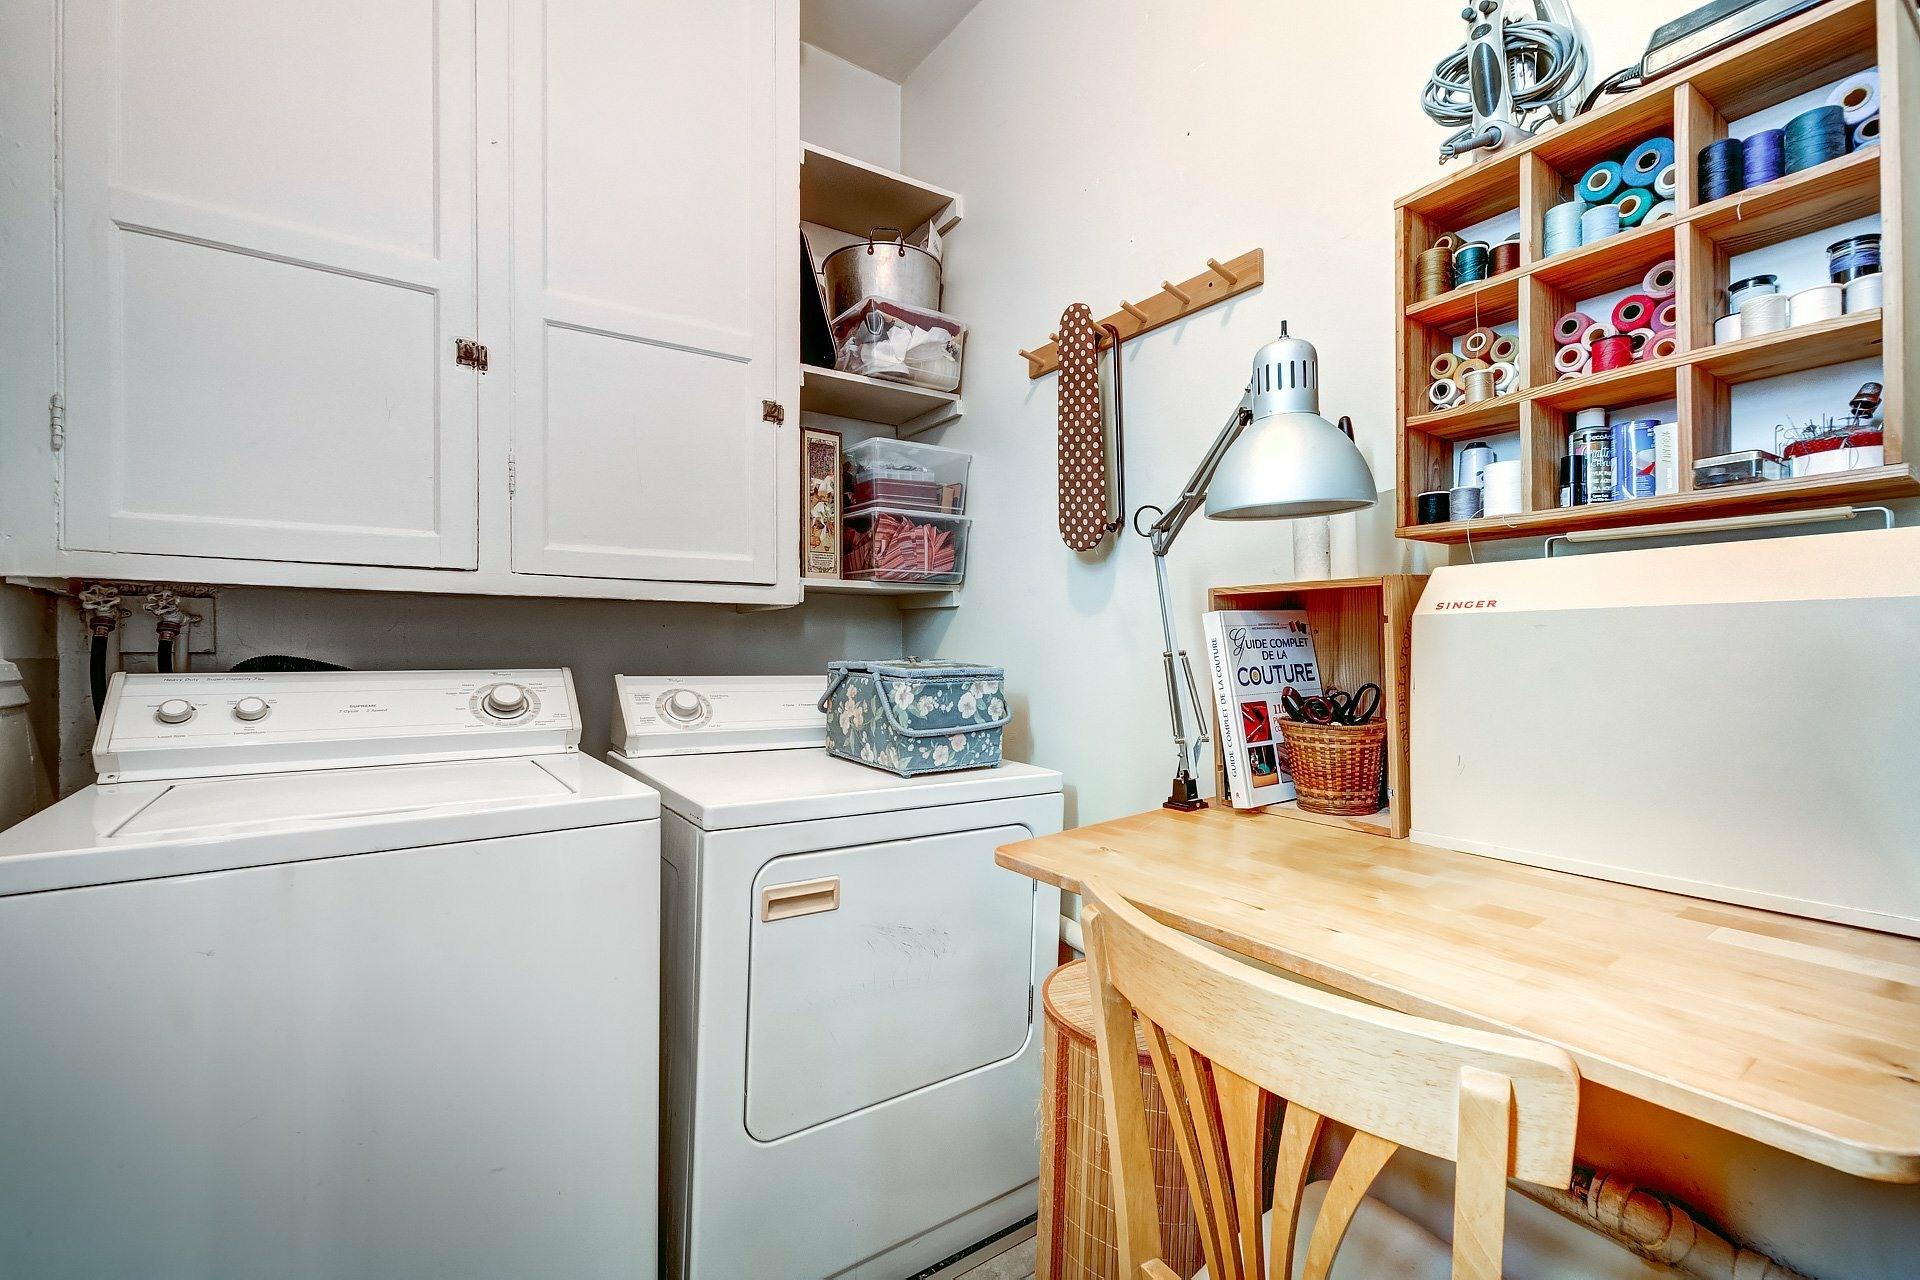 image 18 - Appartement À vendre Rosemont/La Petite-Patrie Montréal  - 7 pièces